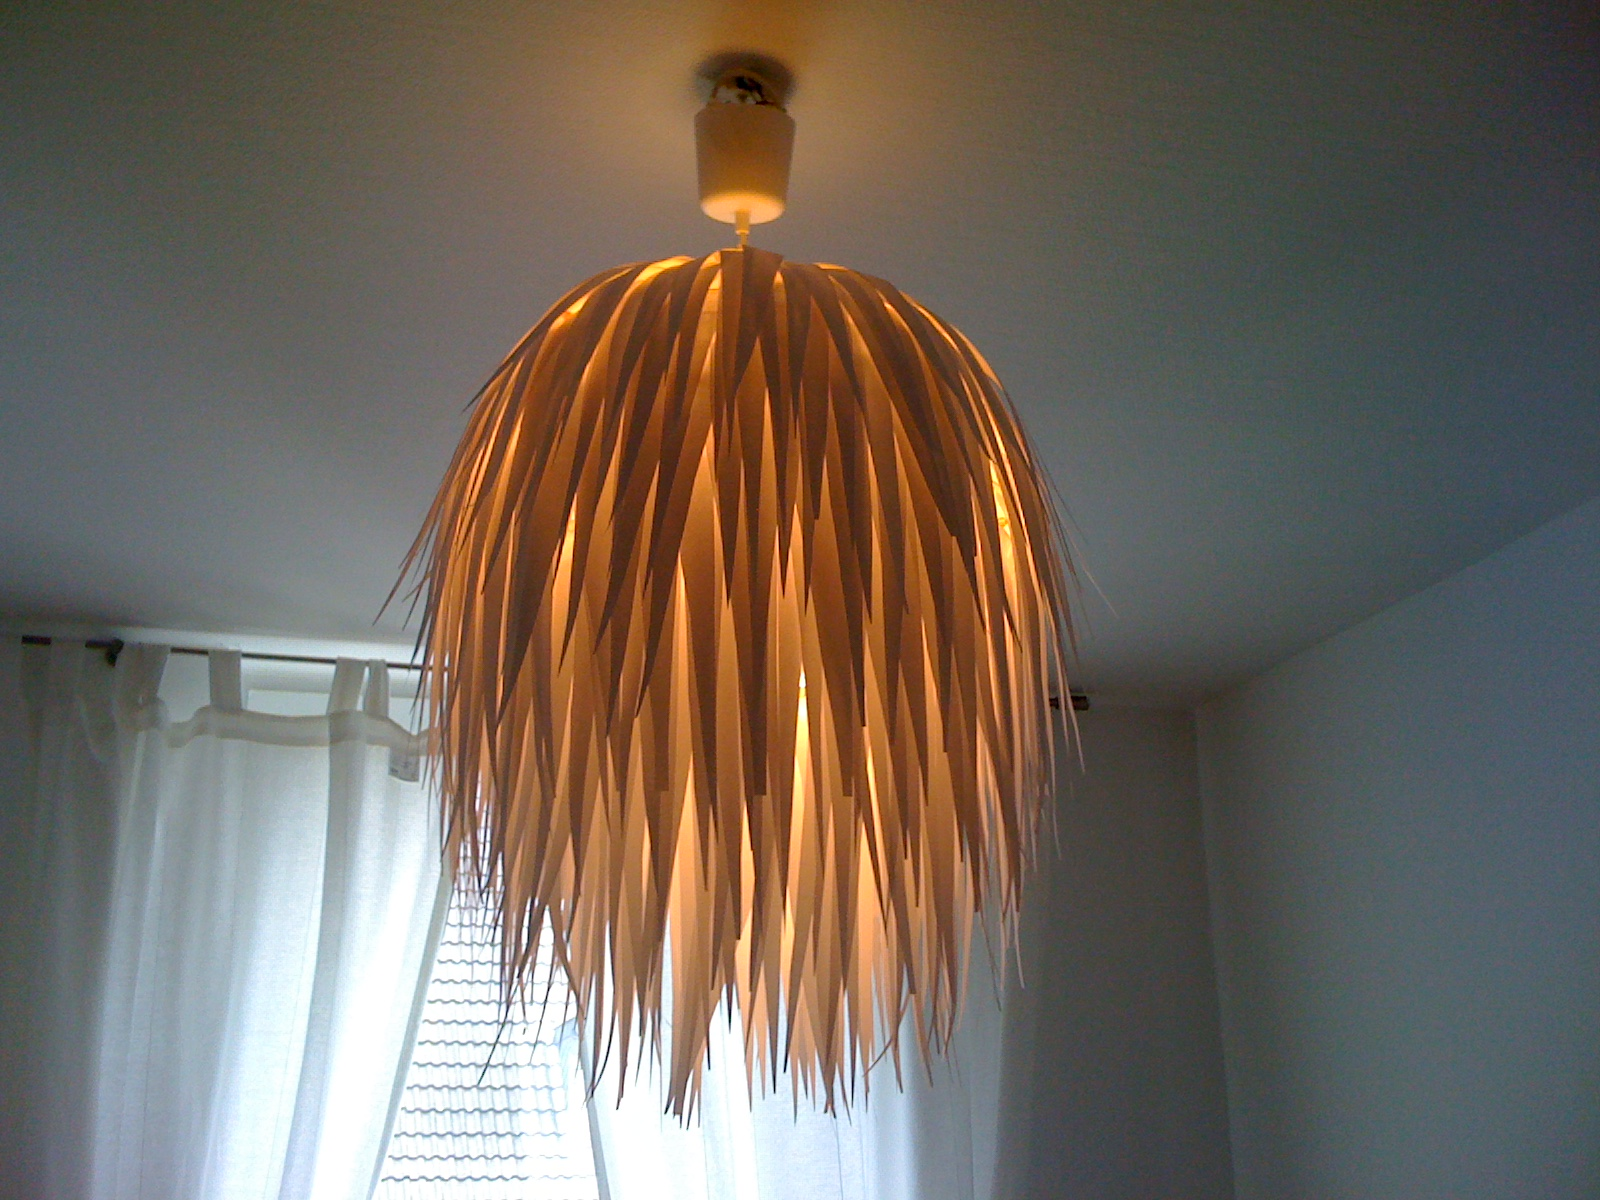 kuchen karla it s monstertime eine unheimlich niedliche diy lampe. Black Bedroom Furniture Sets. Home Design Ideas